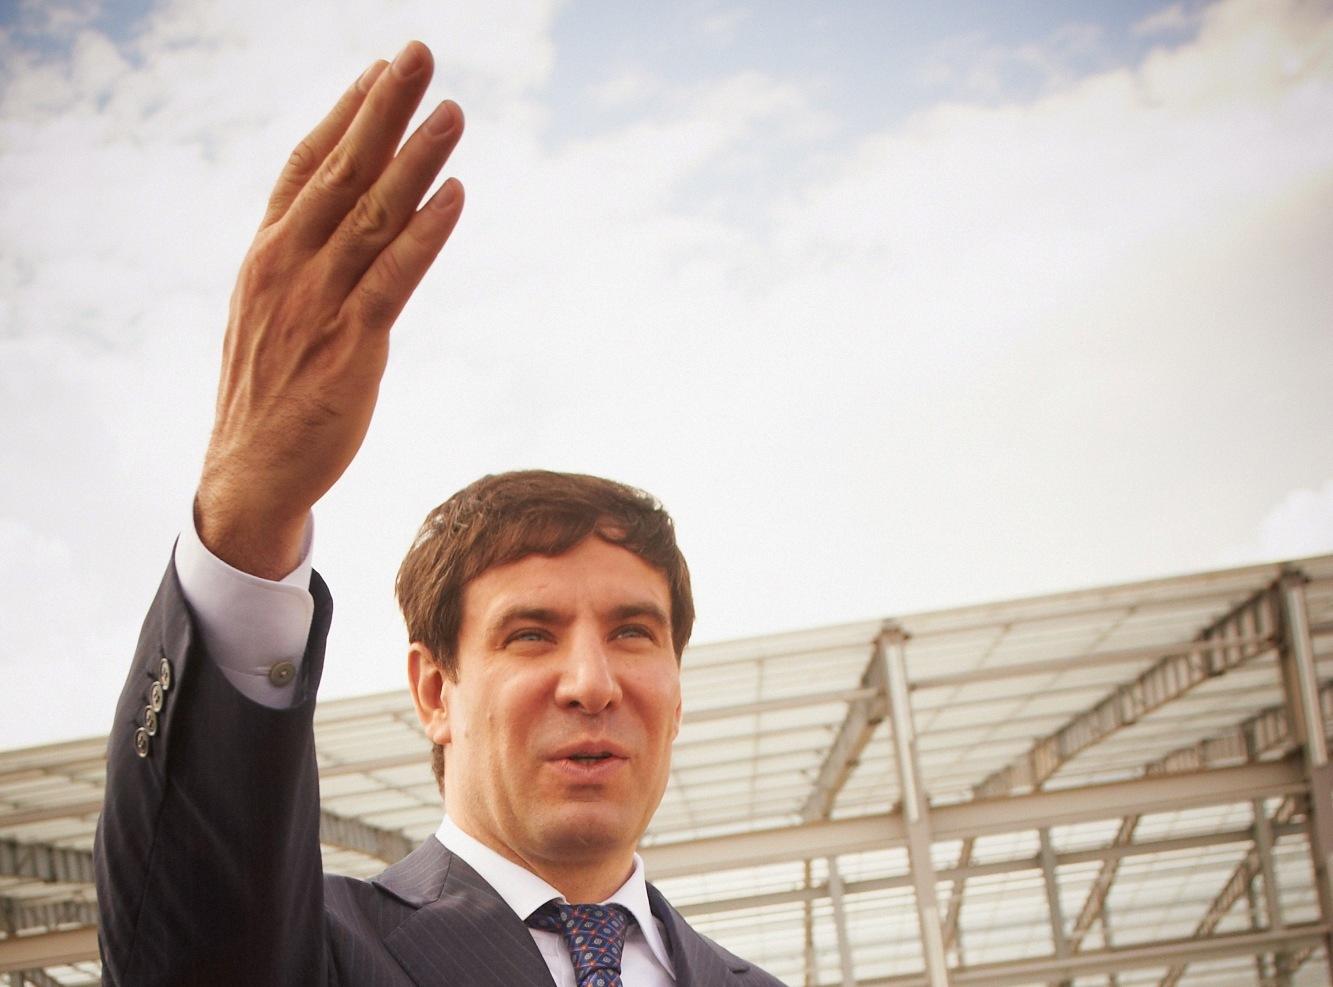 Бодров стал третьим претендентом на участие в предварительном внутрипартийном голосовании по отбо